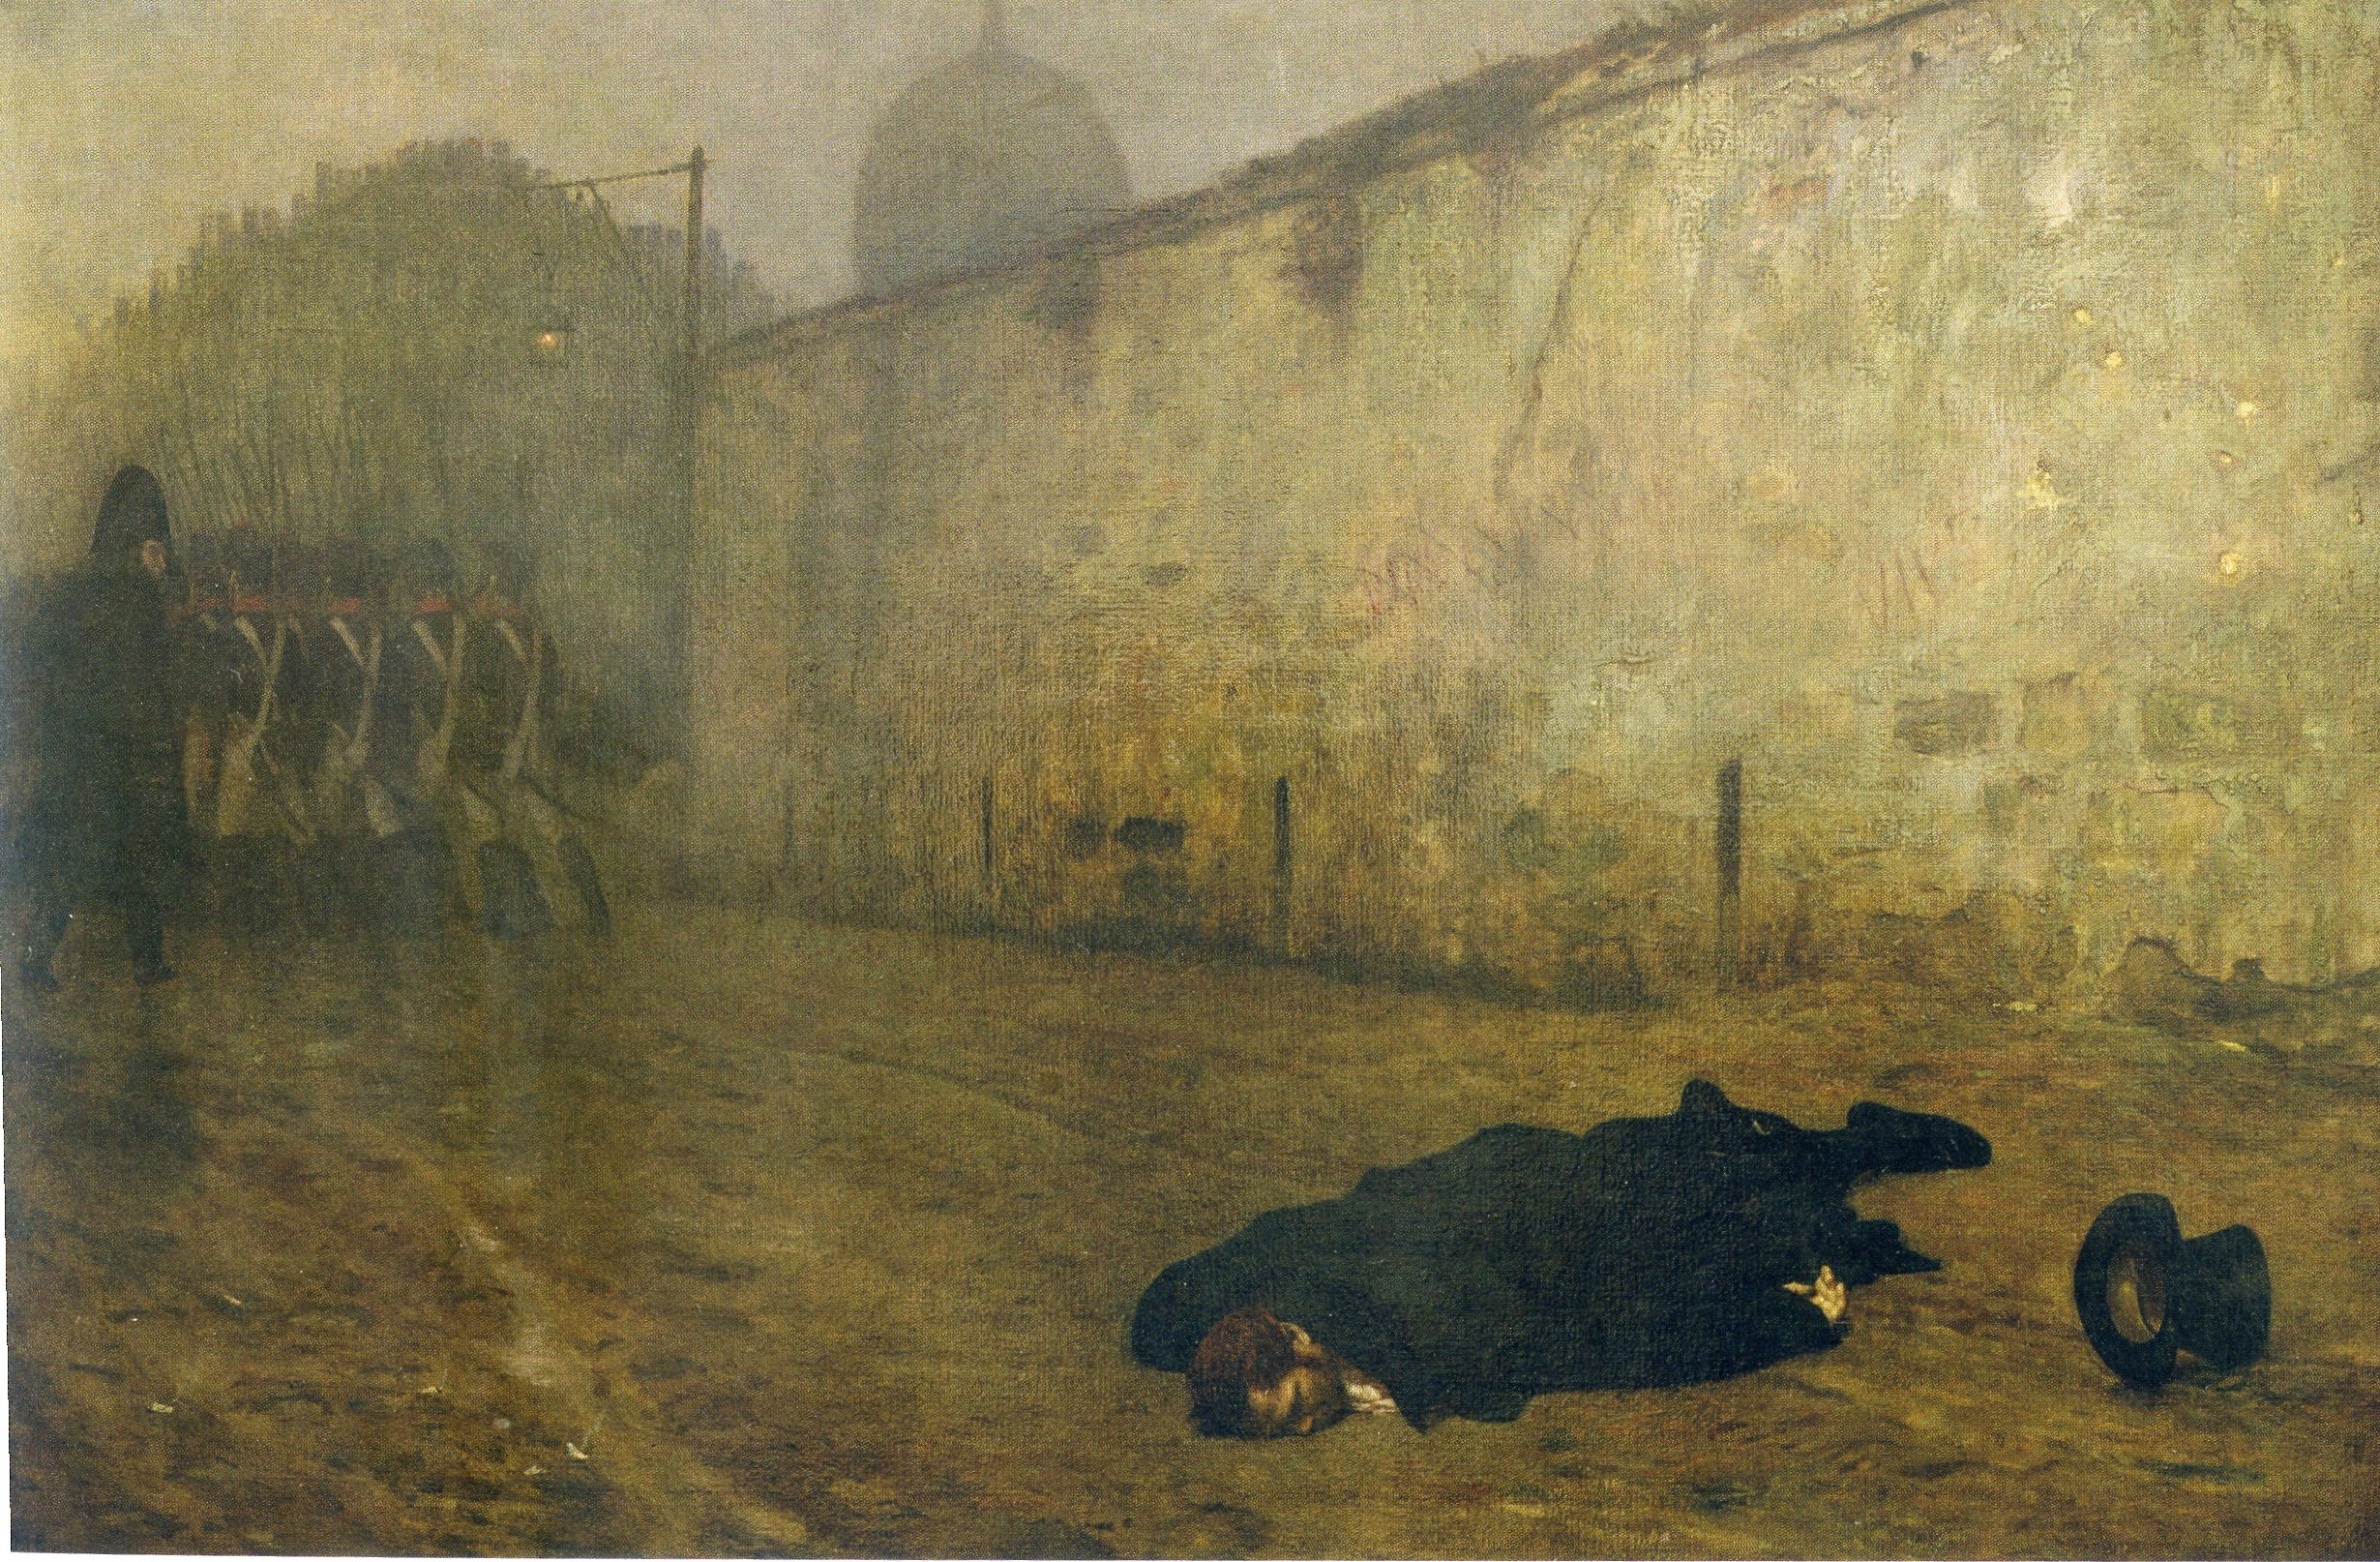 File:La Mort du Maréchal Ney (1868).jpg